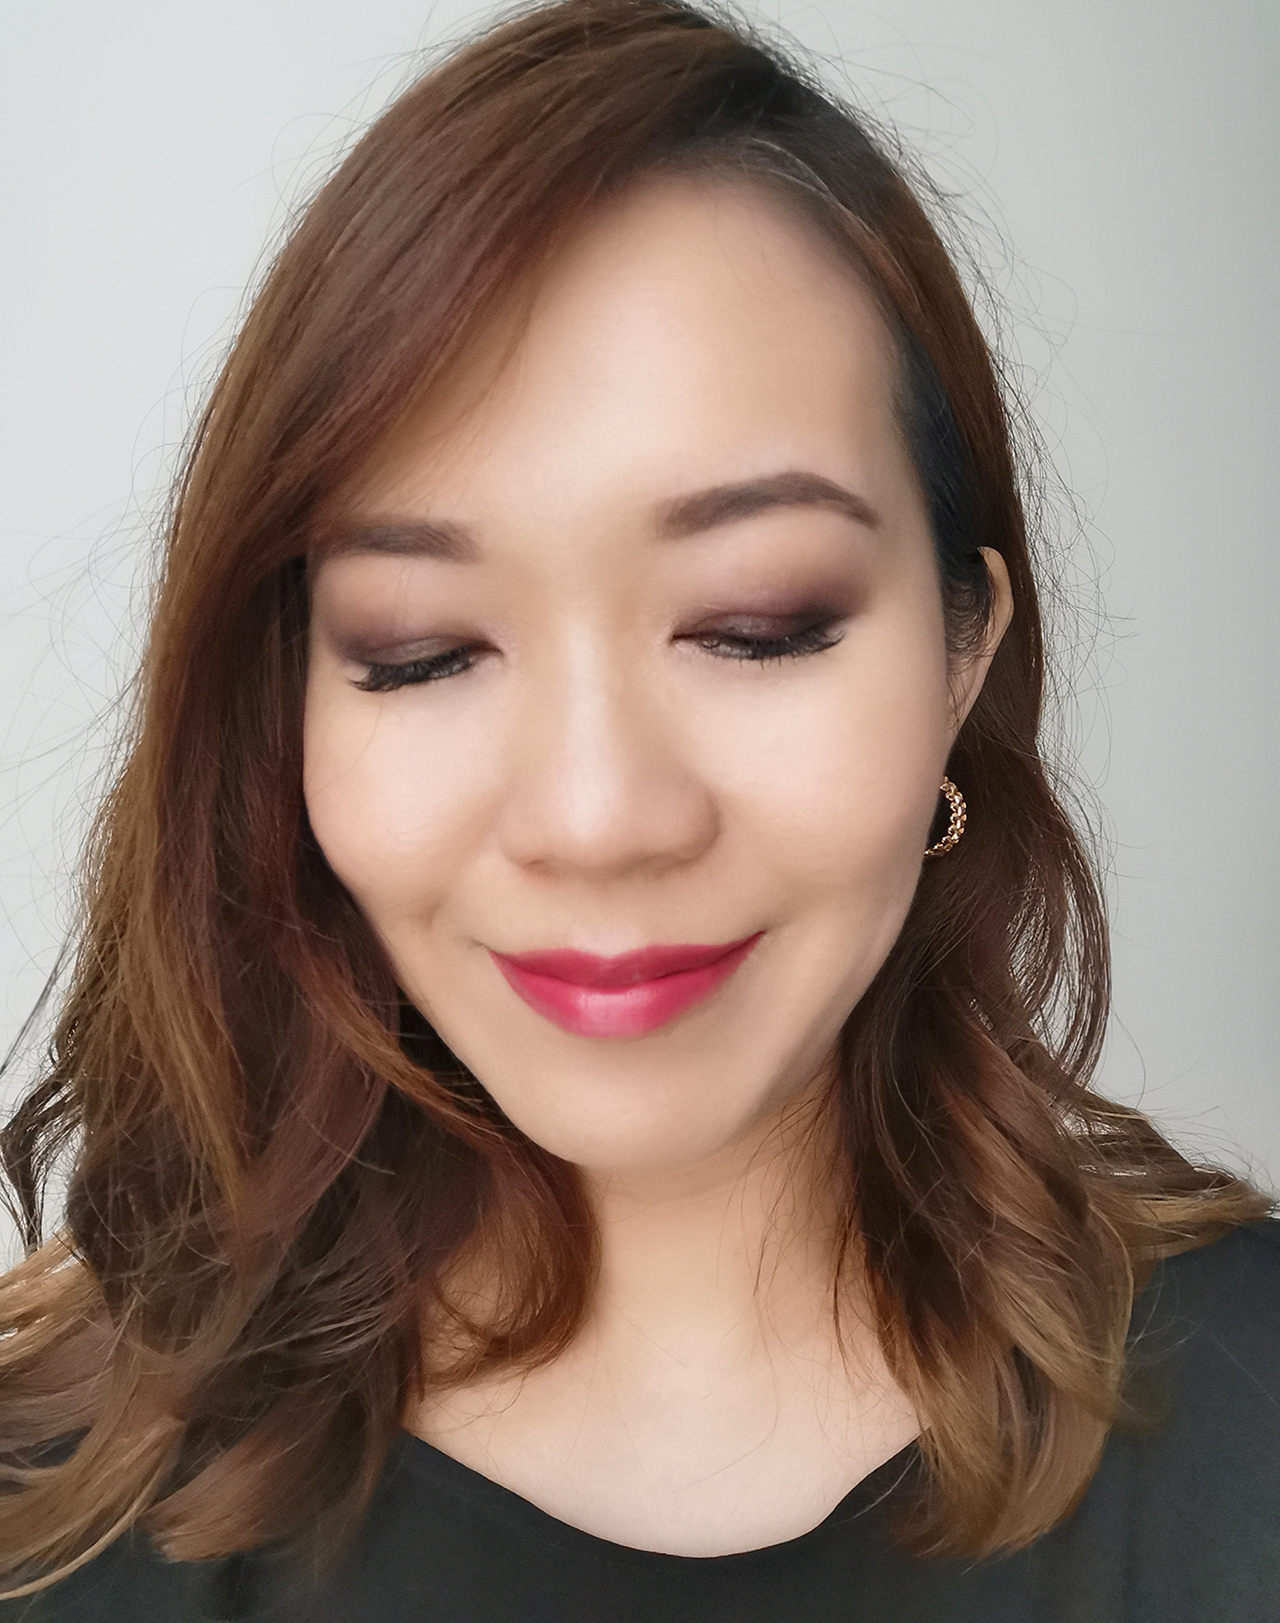 SUQQU UK Holiday 2019 makeup look